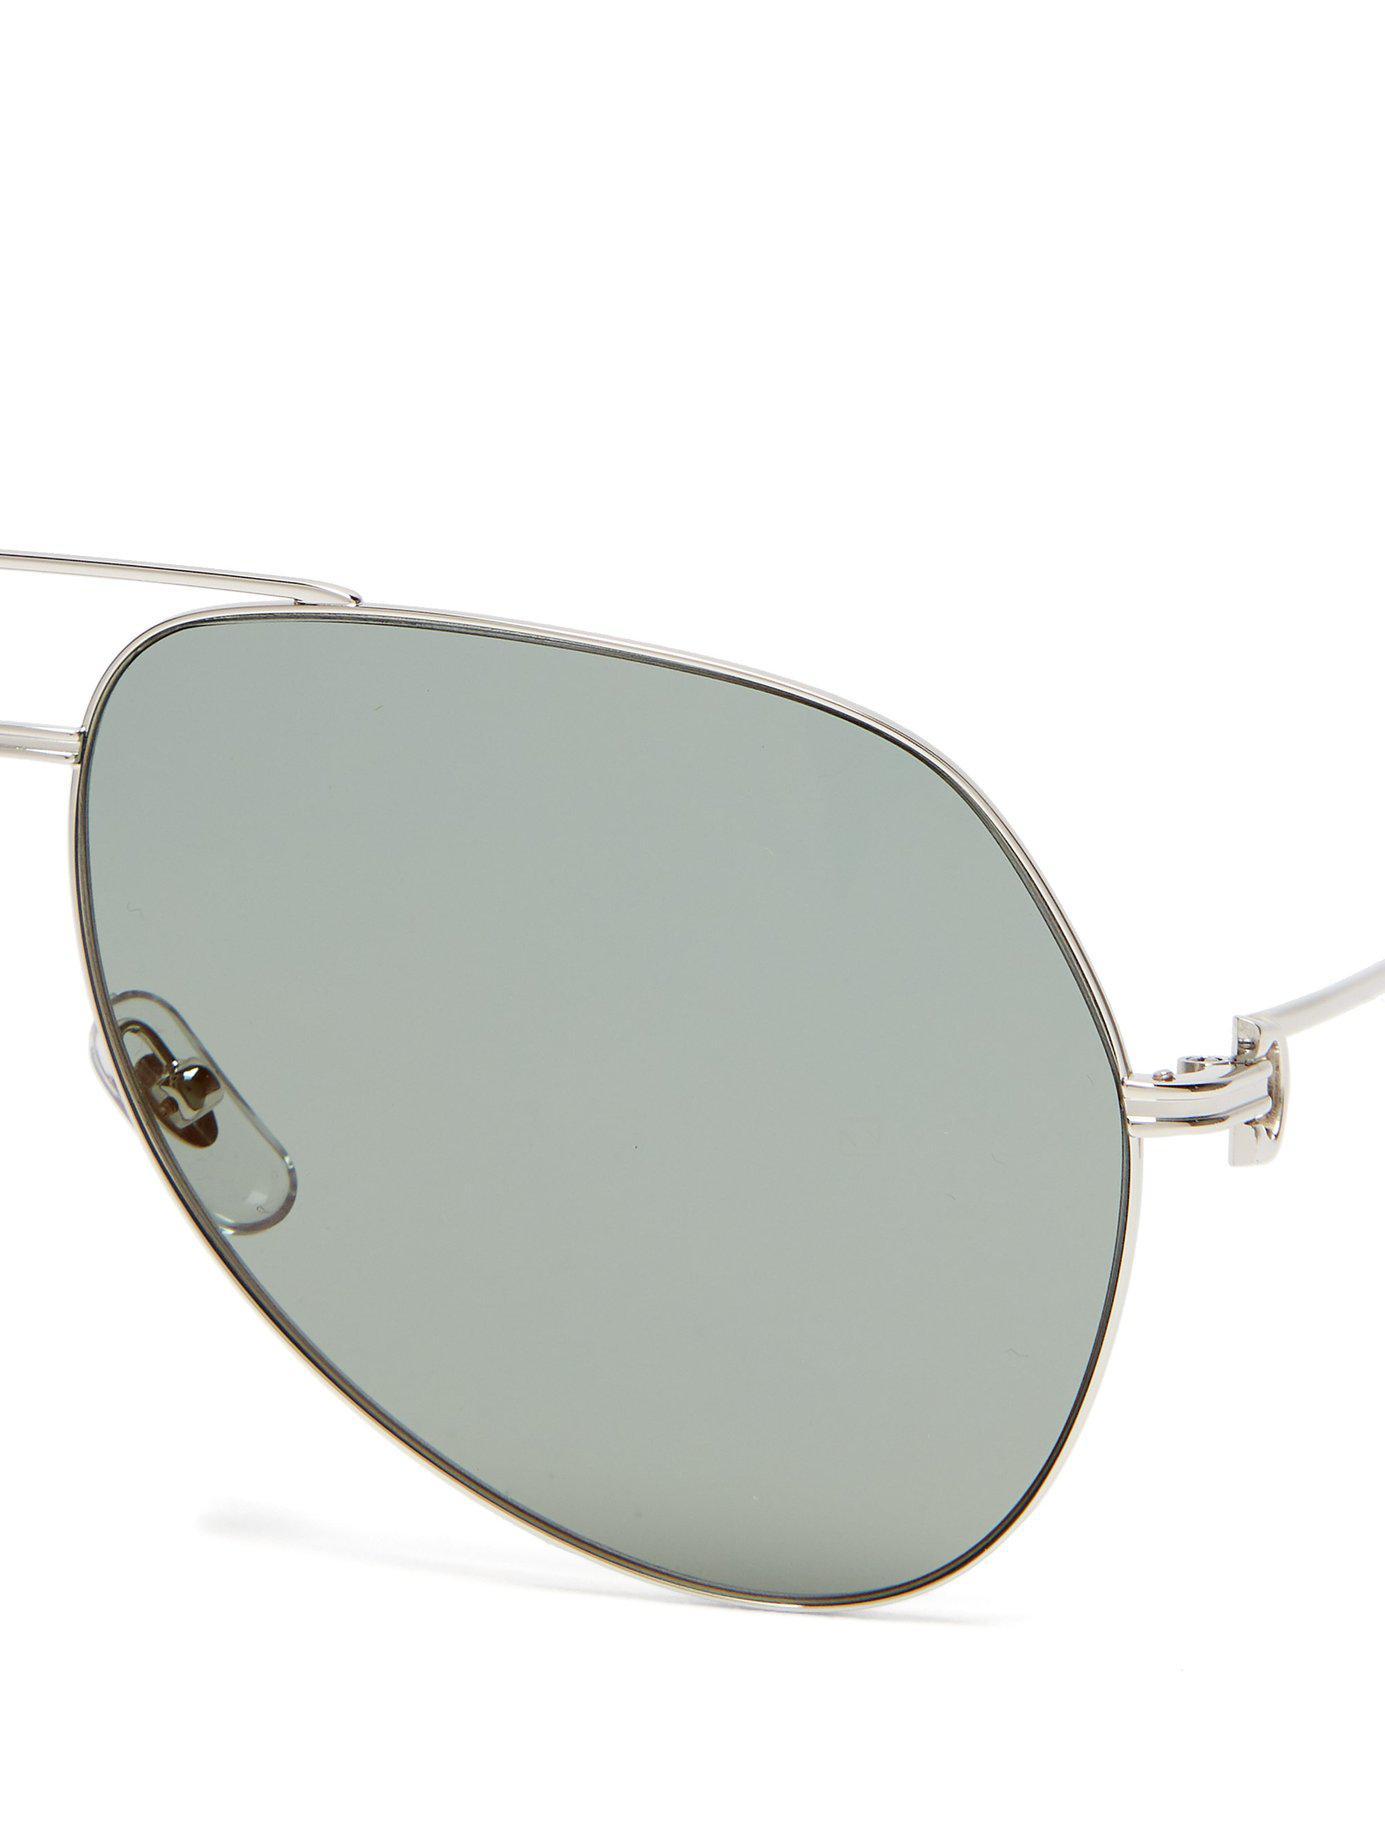 6598e9856bbaa Cartier - Metallic Aviator Metal Sunglasses for Men - Lyst. View fullscreen